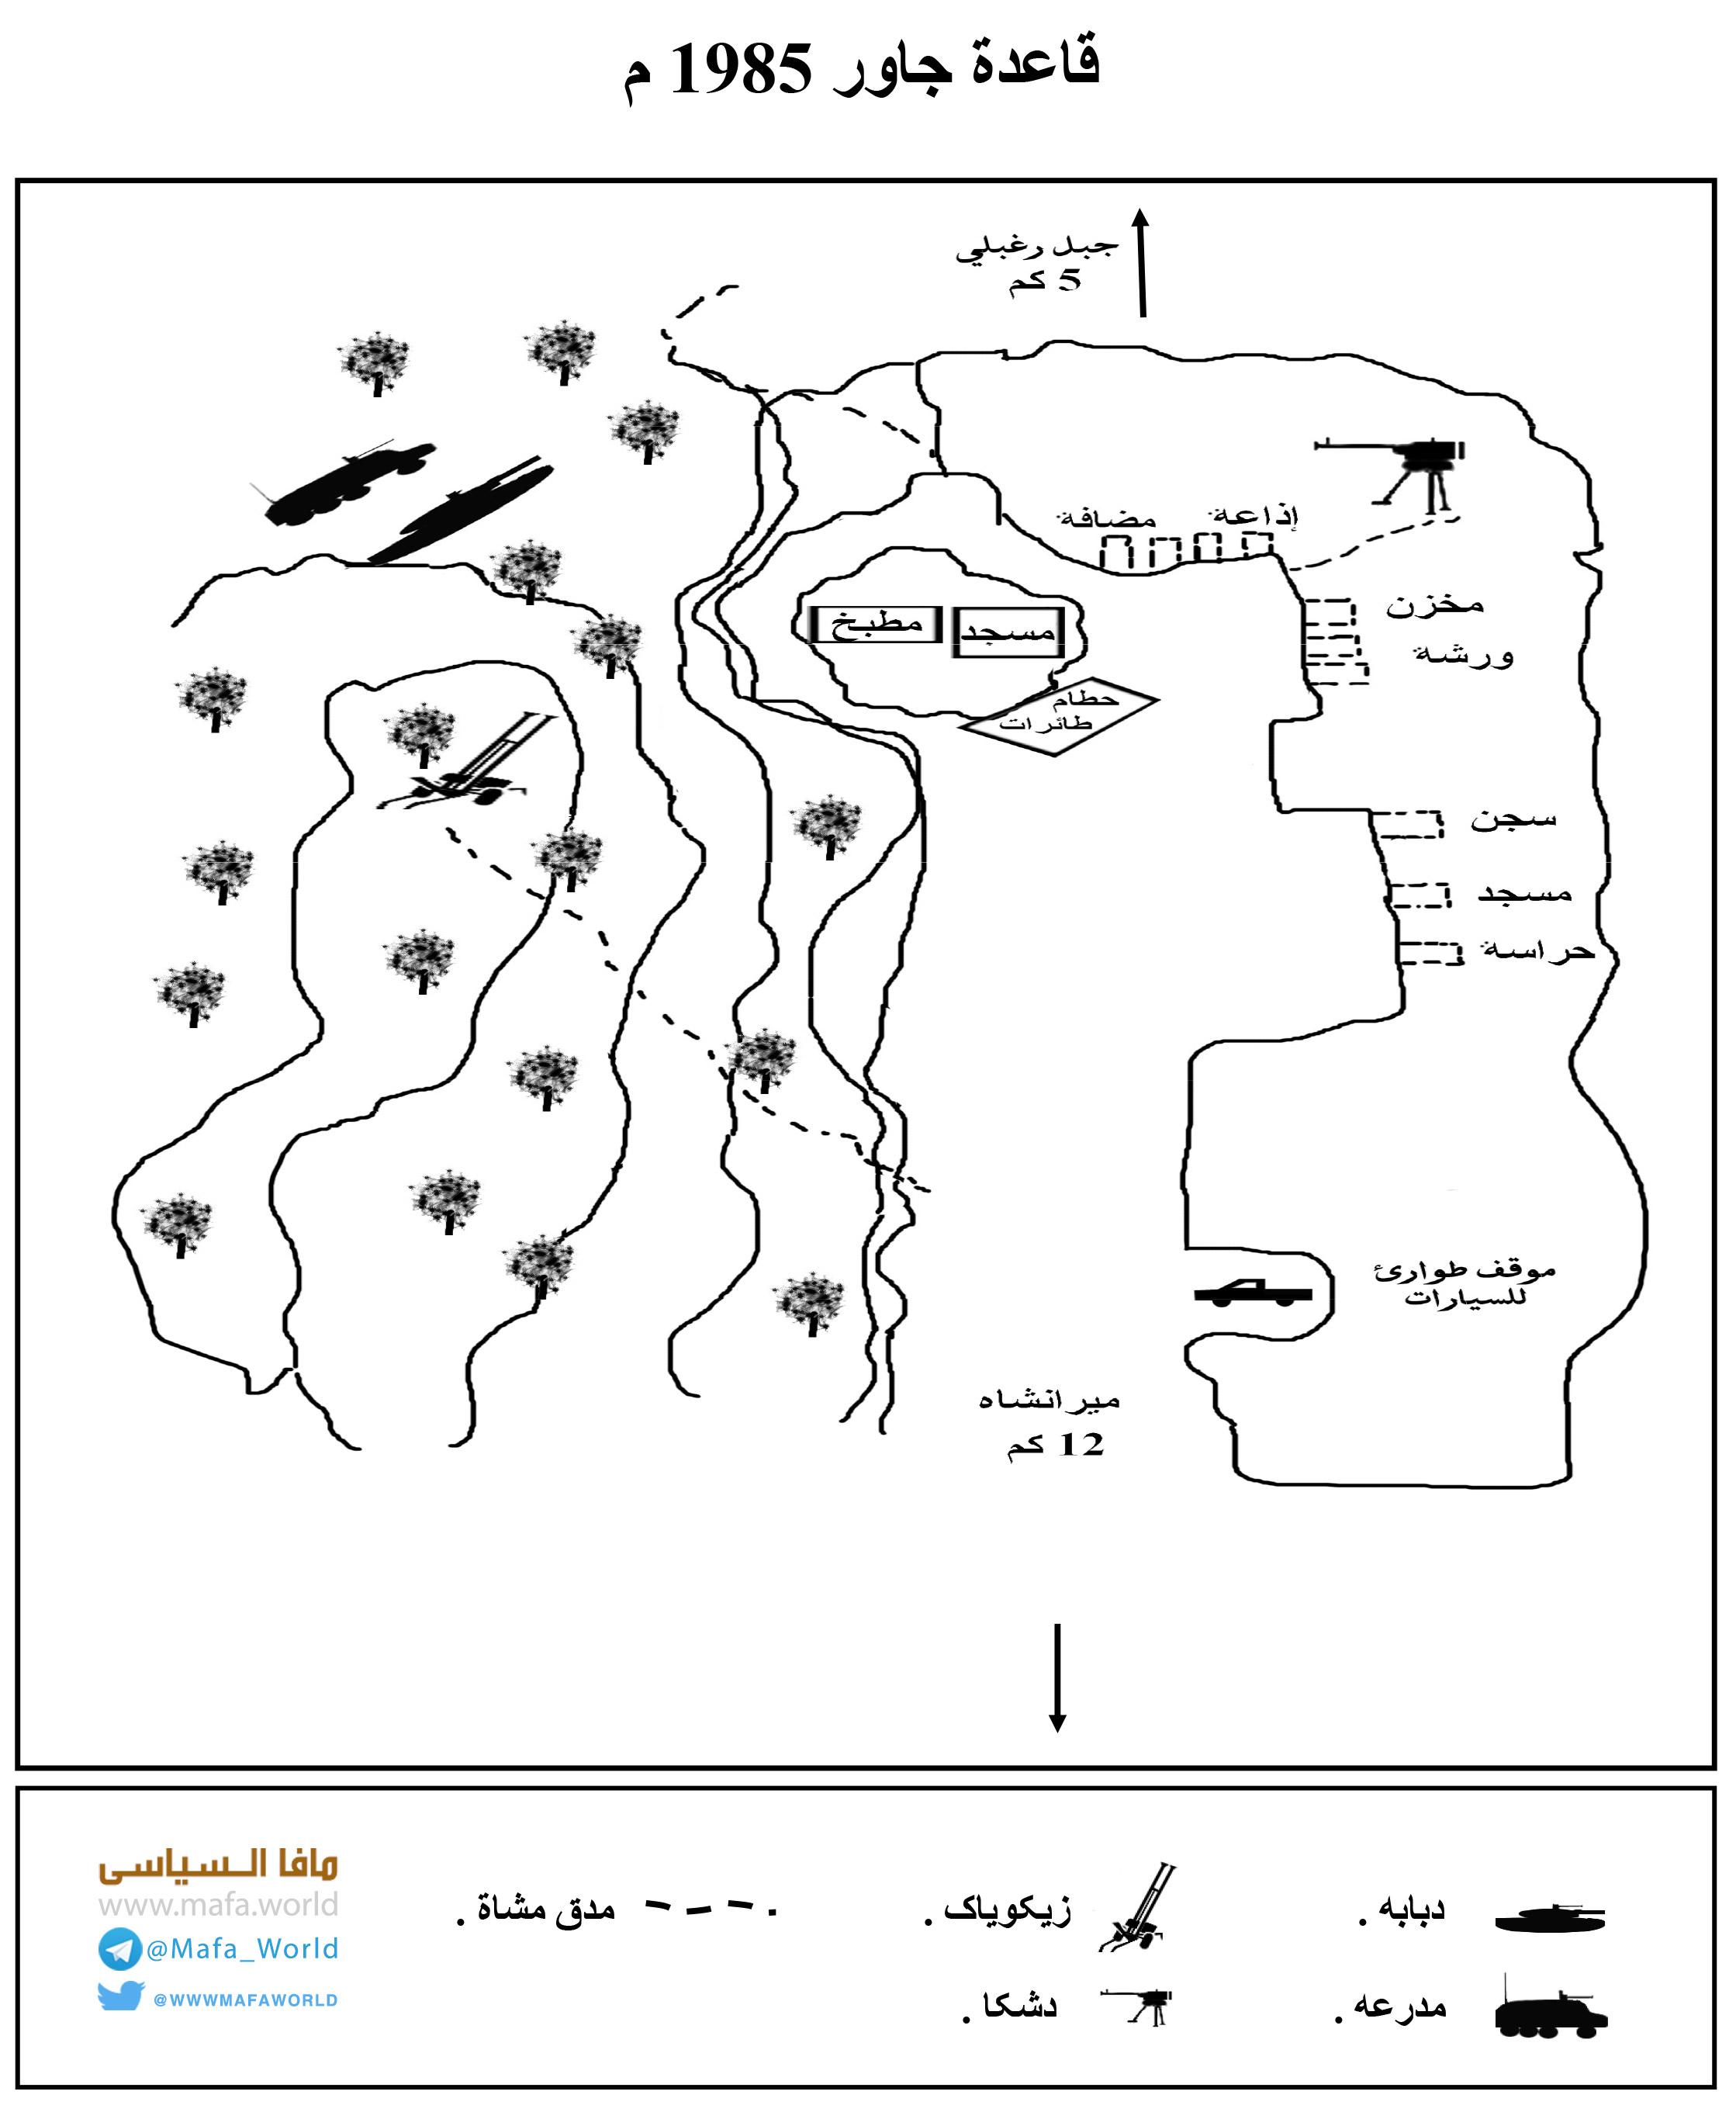 جلال الدين حقاني | معركة جاور 1985 م